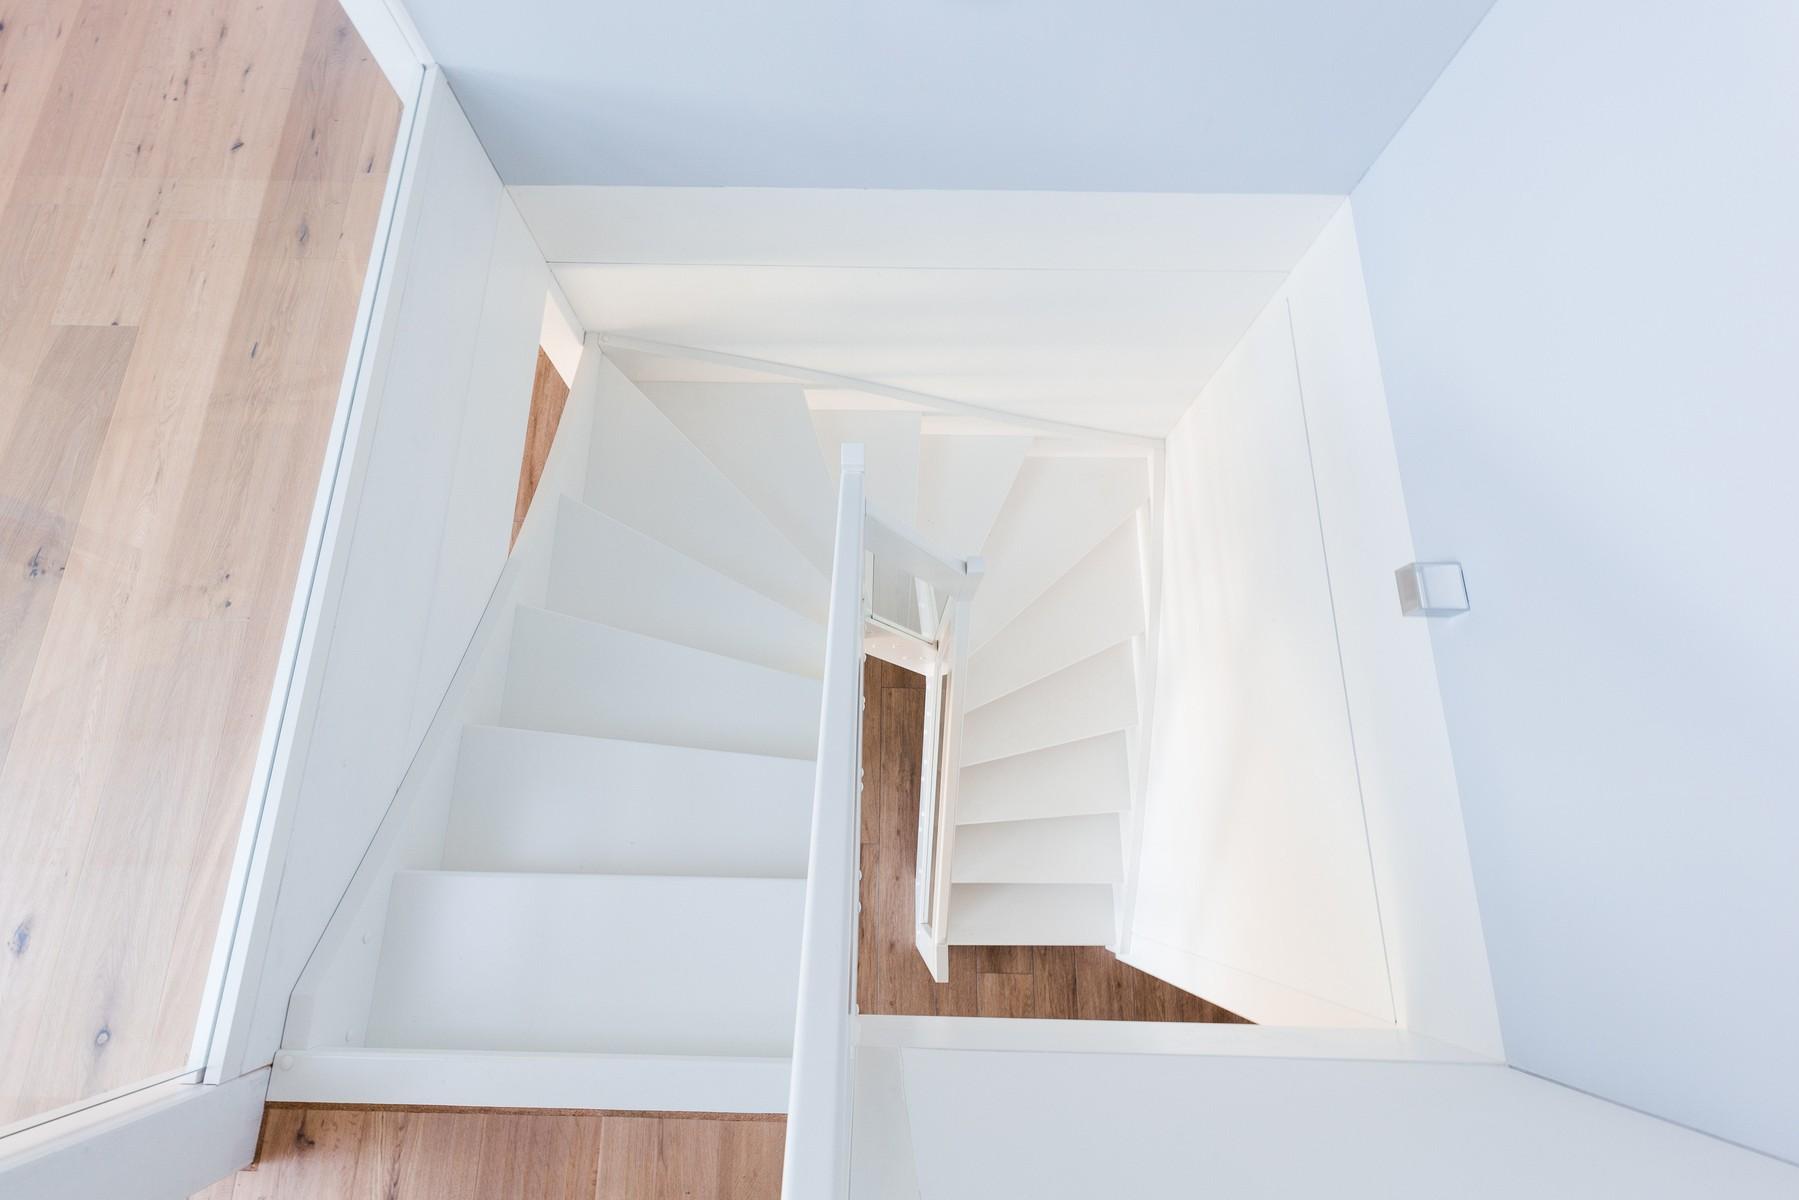 modernes fachwerkhaus landhaus fachwerk holz glas weiss 15 concentus moderne fachwerkh user. Black Bedroom Furniture Sets. Home Design Ideas